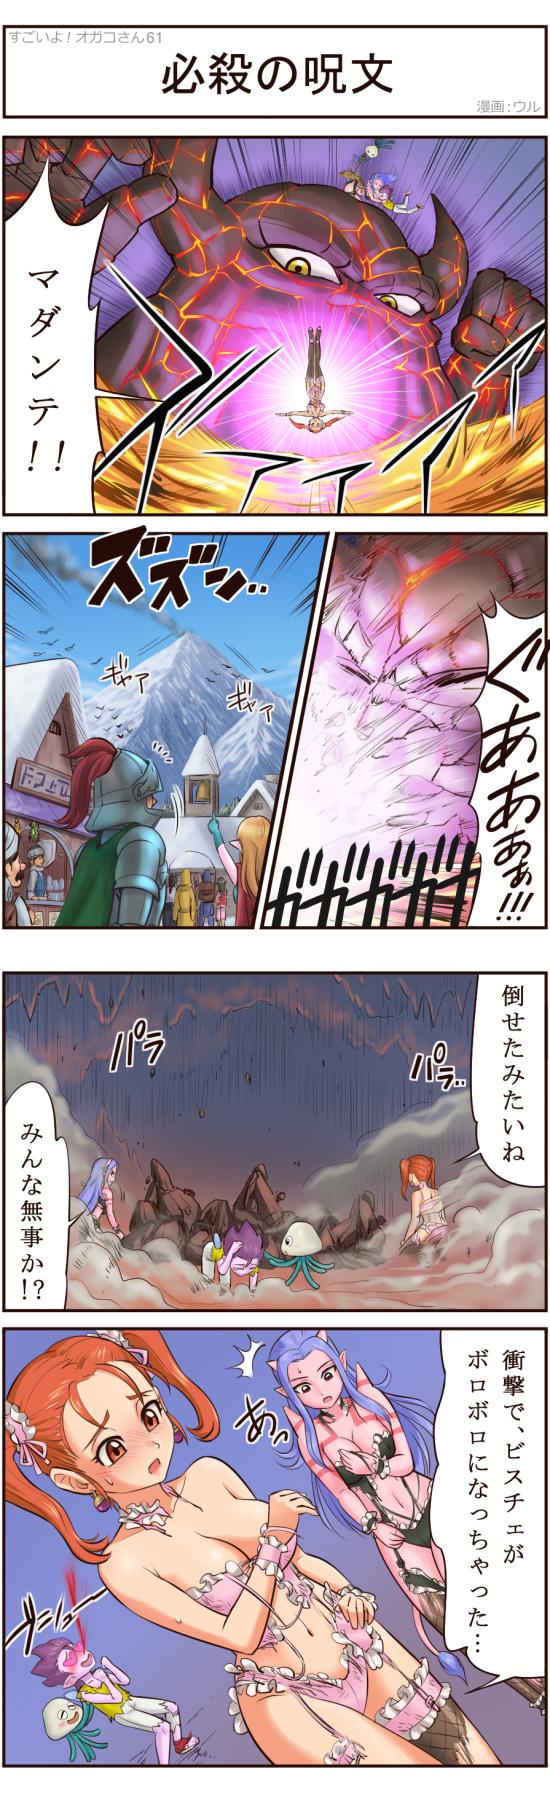 4コマ漫画DQXすごいよ!オガコさん第61話